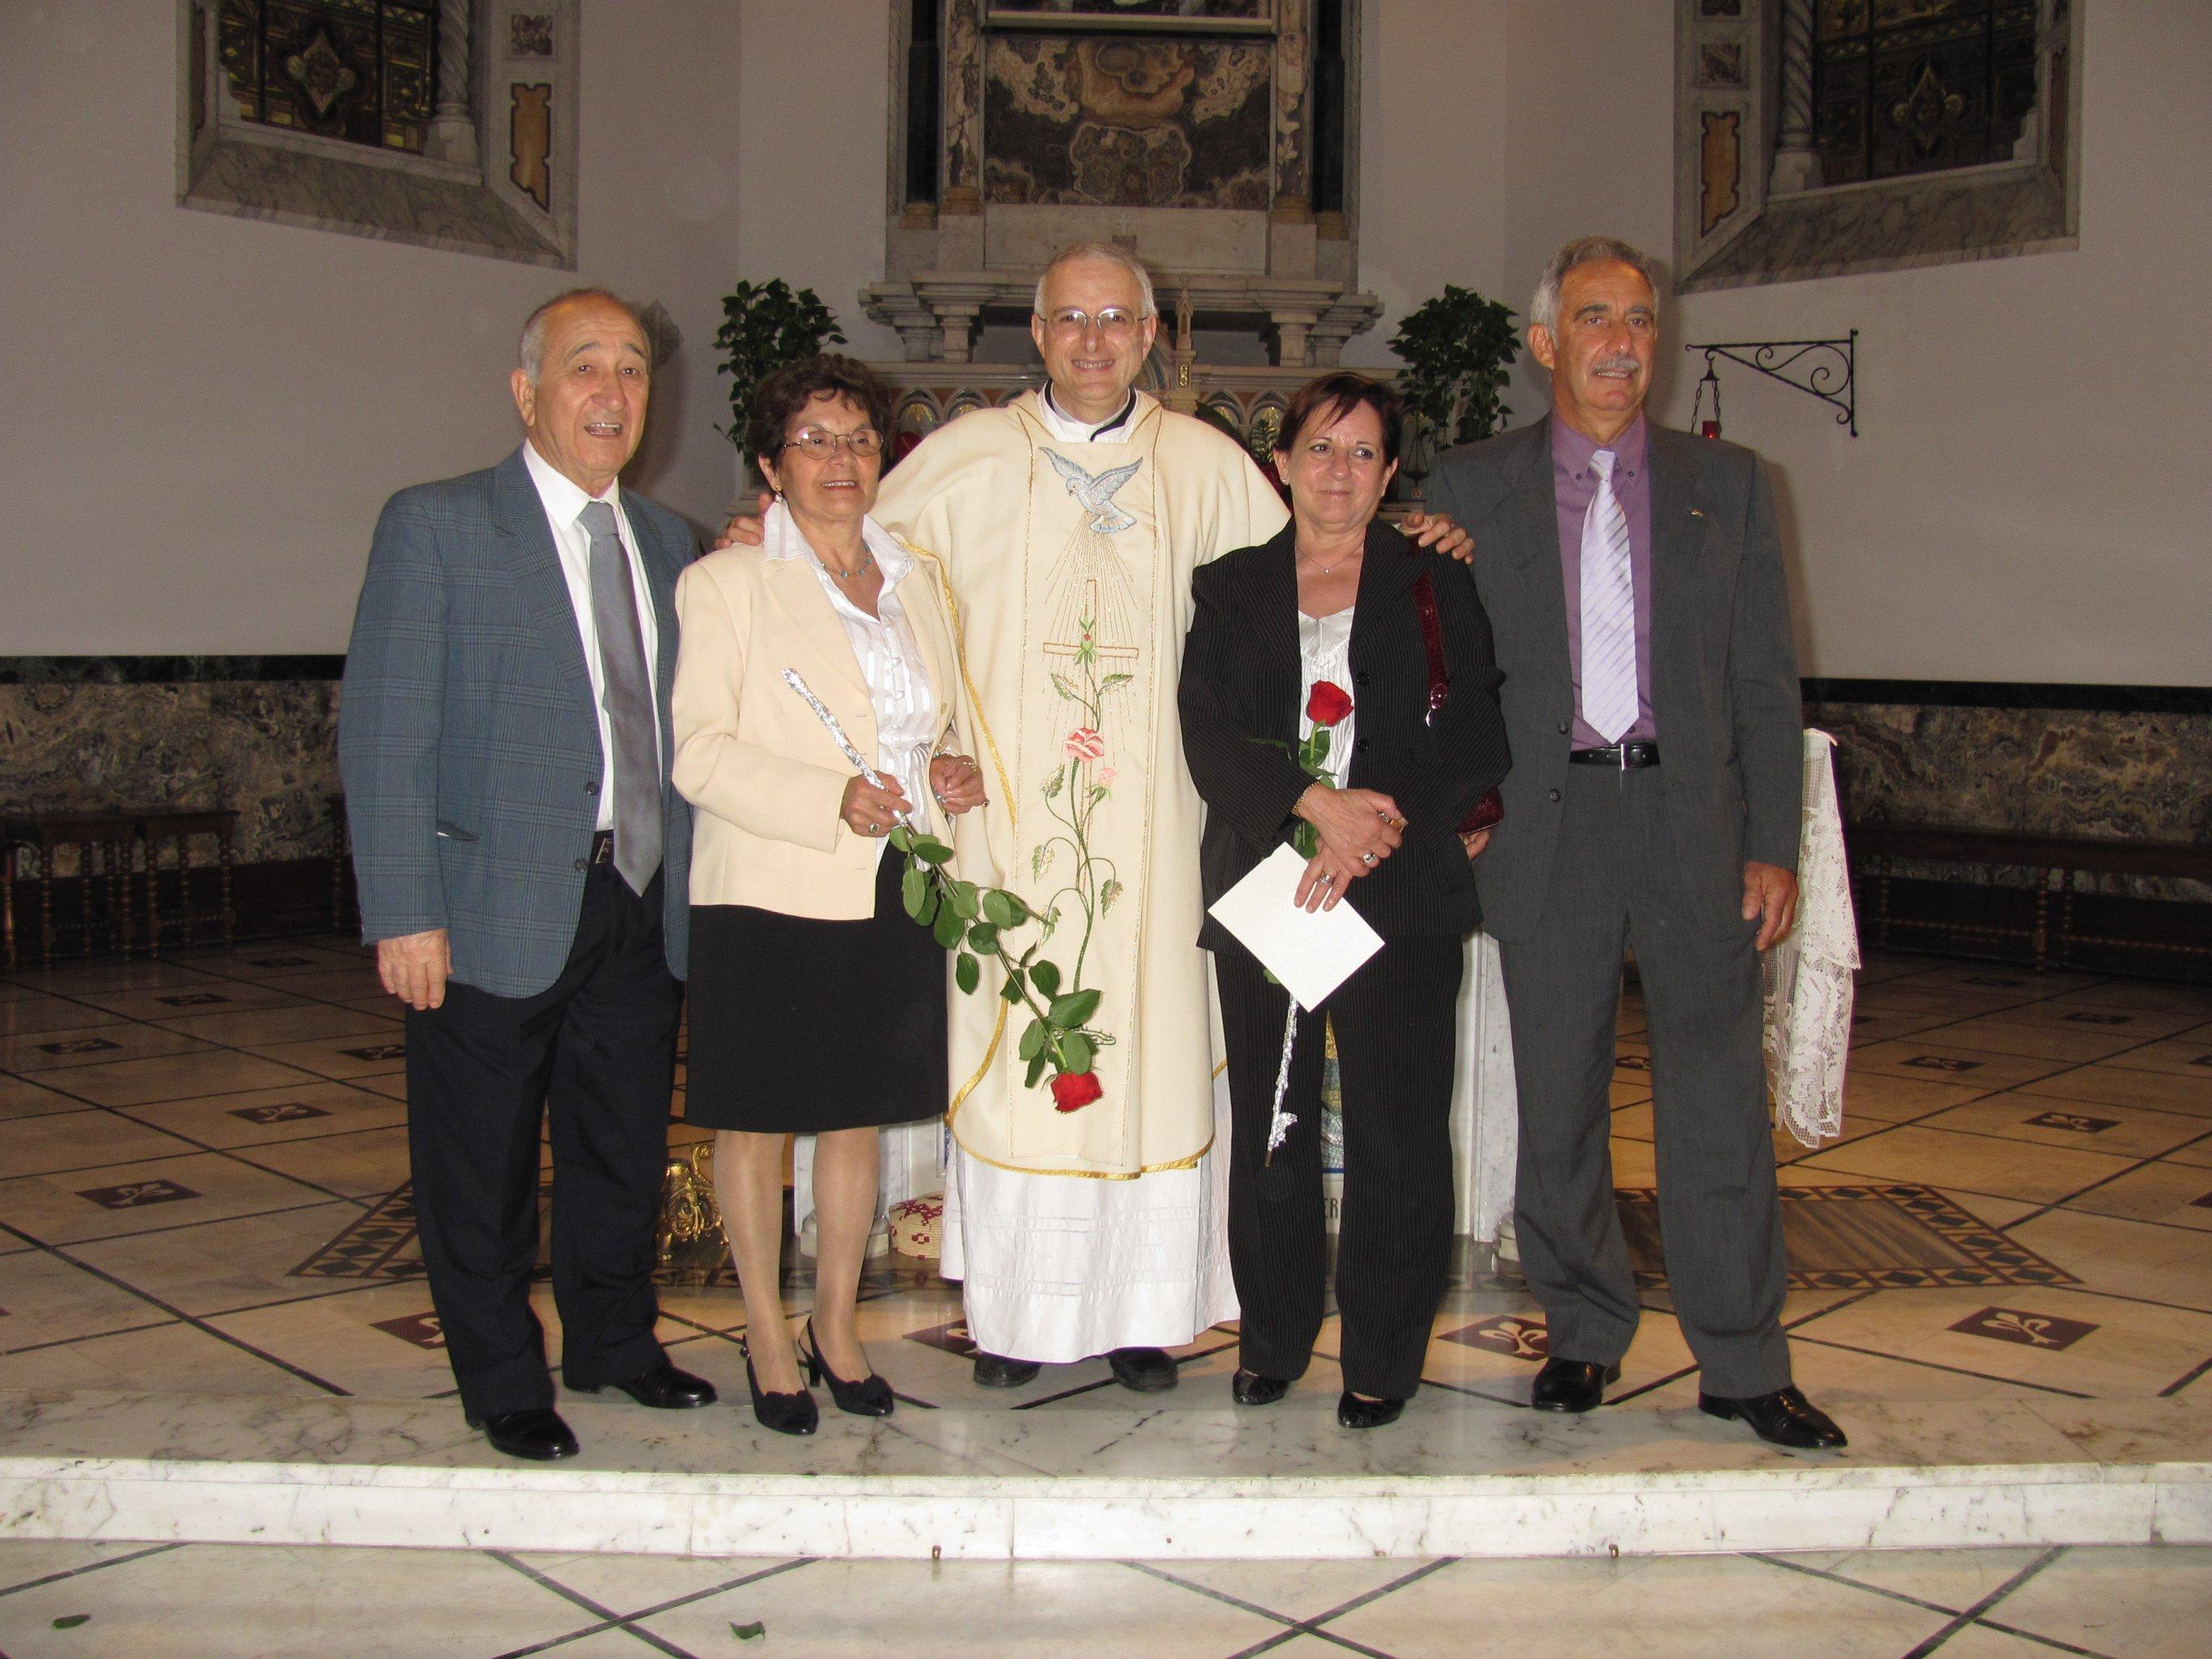 anniversari_di_matrimonio_e_di_ordinazione_2012-06-03-11-24-30